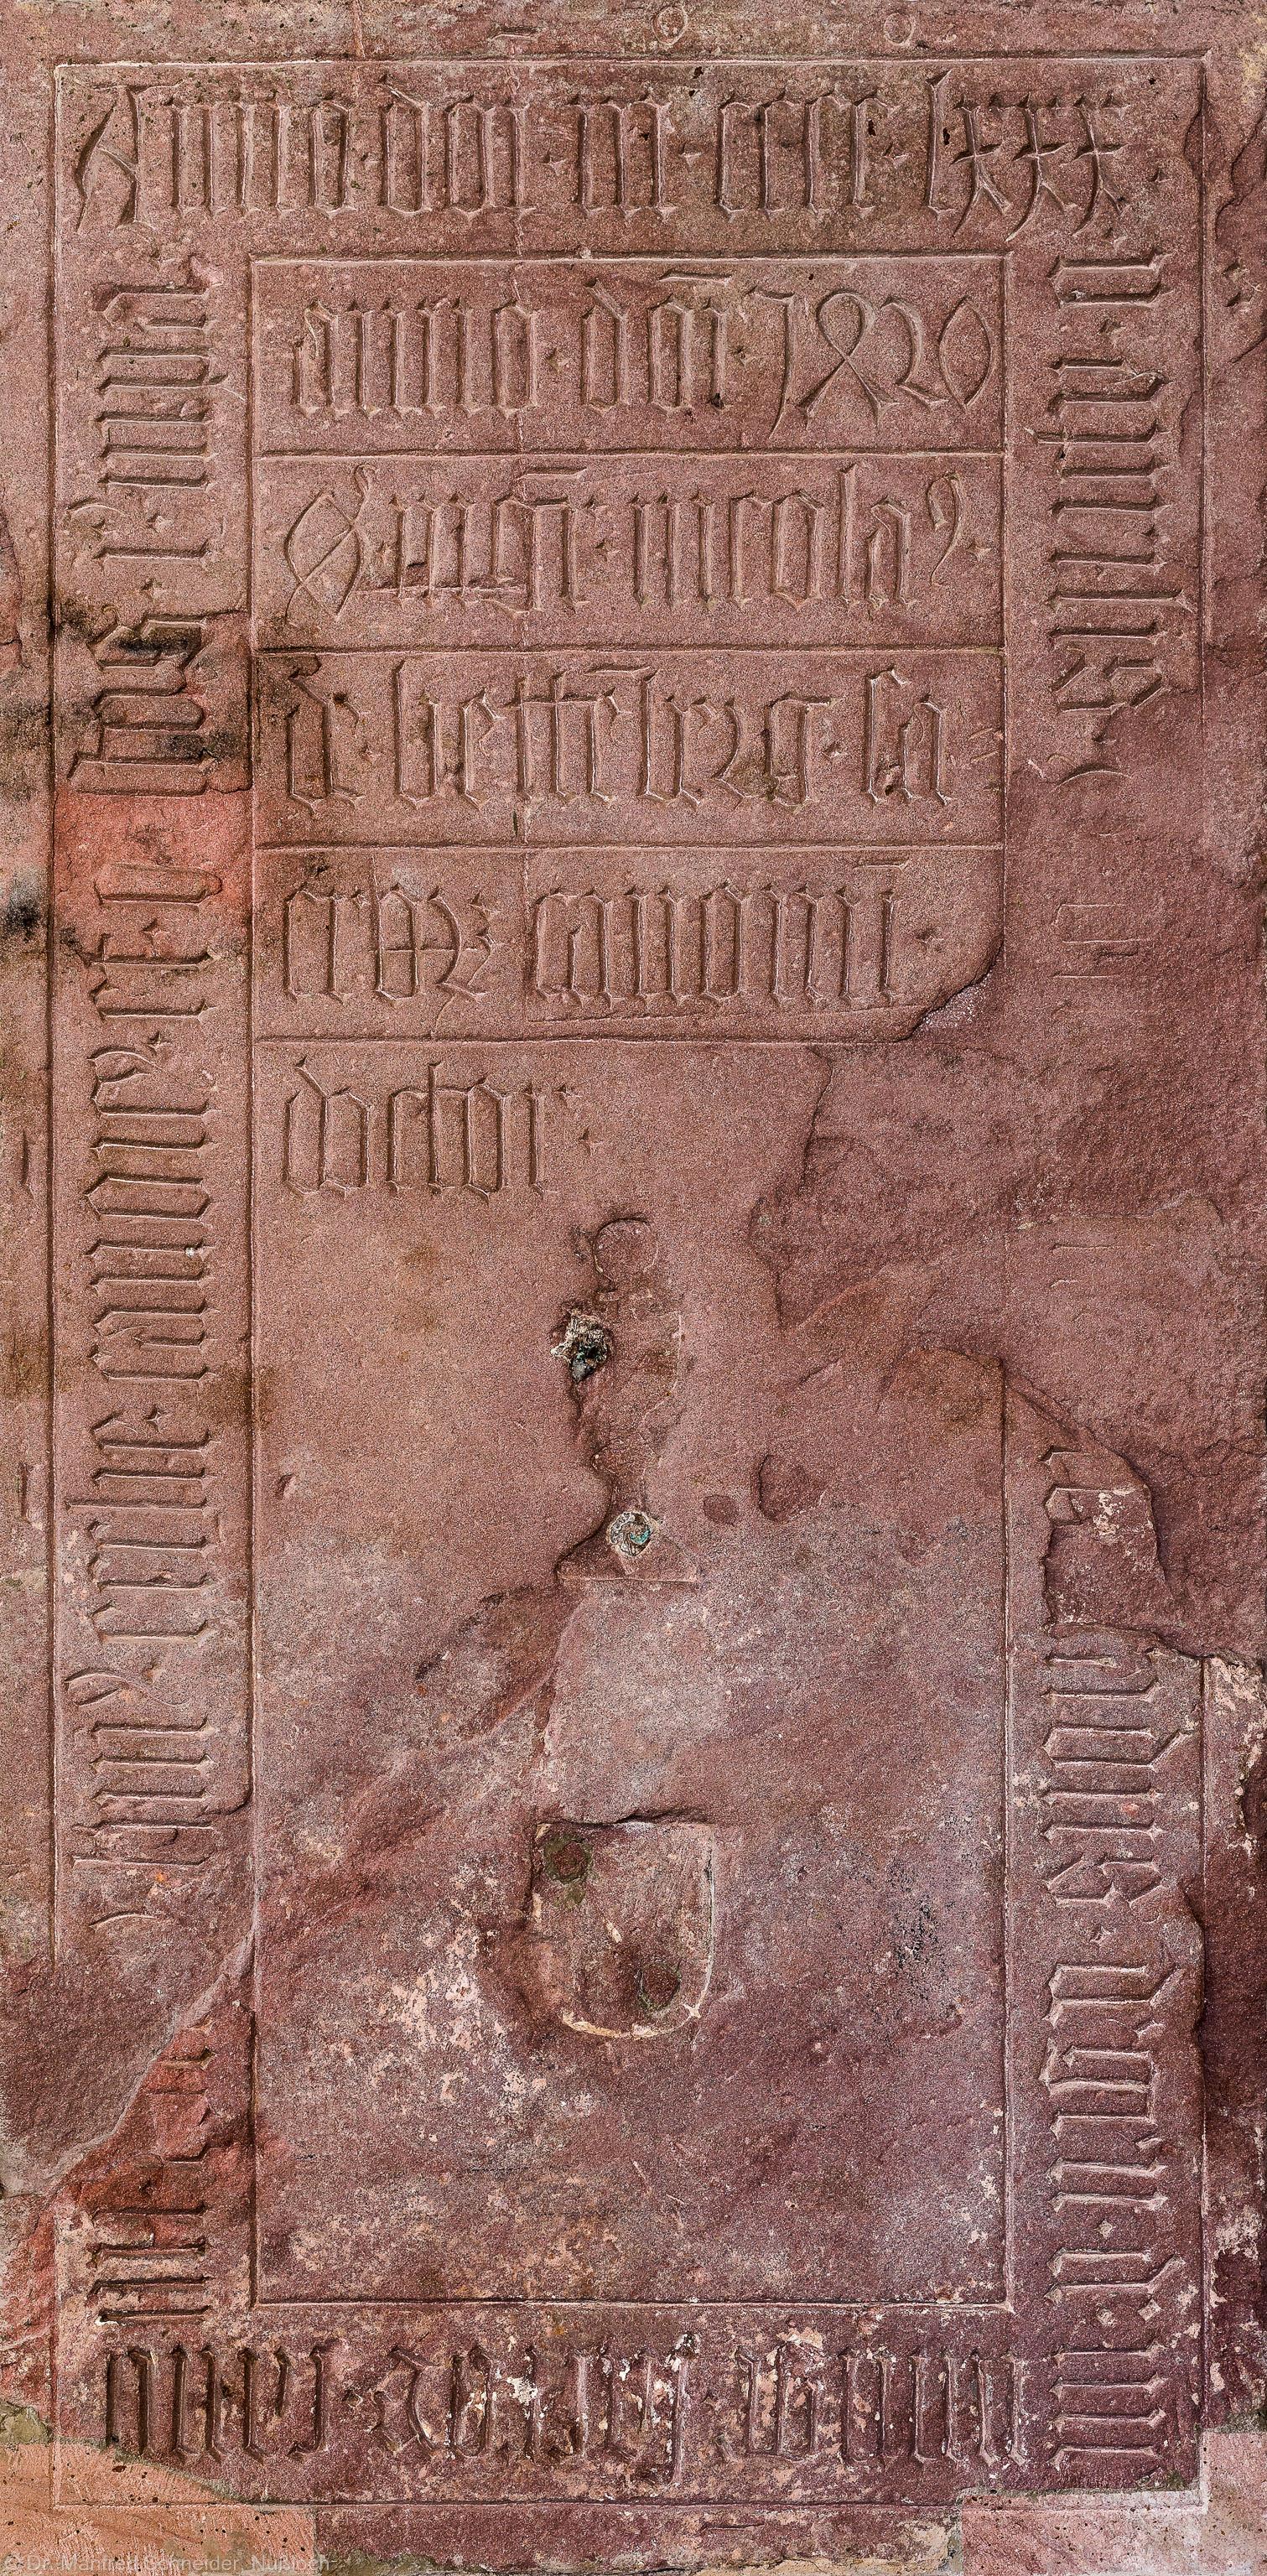 Heidelberg - Heiliggeistkirche - Südschiff - 8. Epitaph, von Westen aus gezählt, an Wand des südlichen Seitenschiffs (aufgenommen im Februar 2014, um die Mittagszeit)